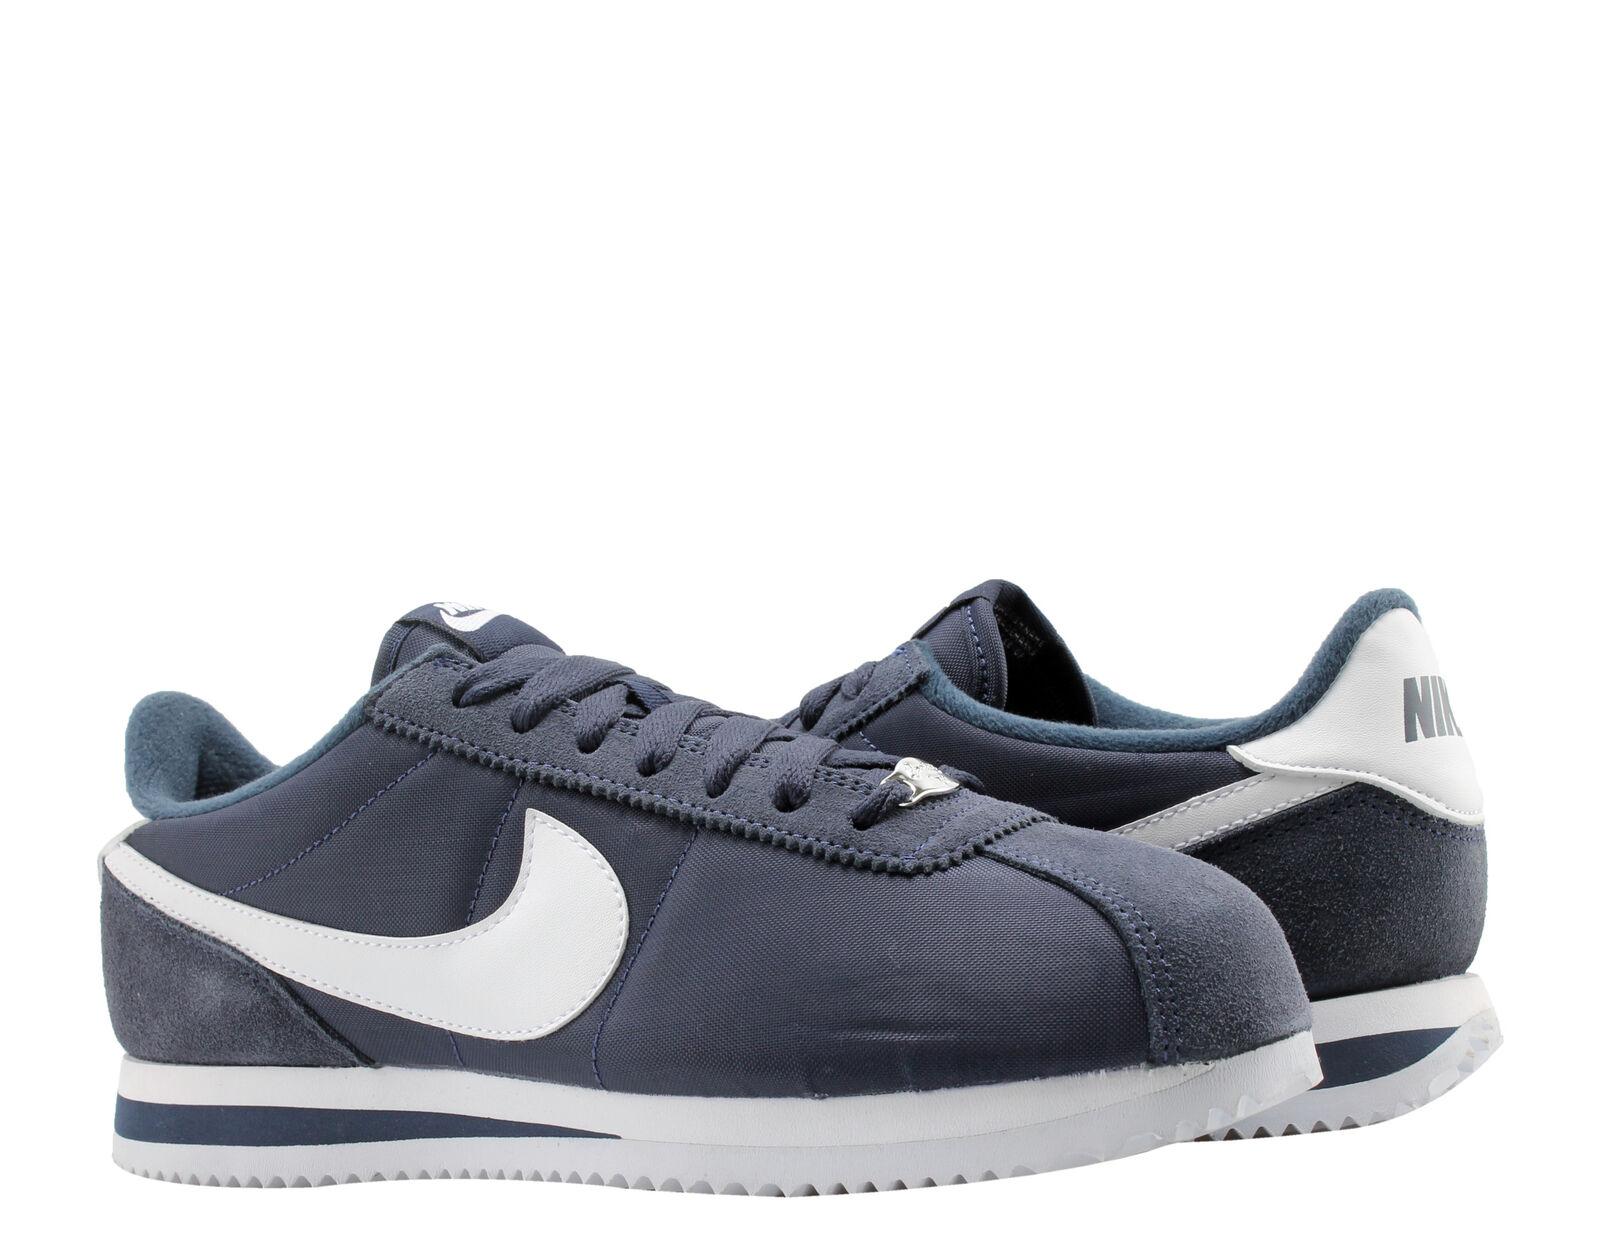 Nike Cortez Basic Nylon Obsidian White Men's Running shoes 819720-411